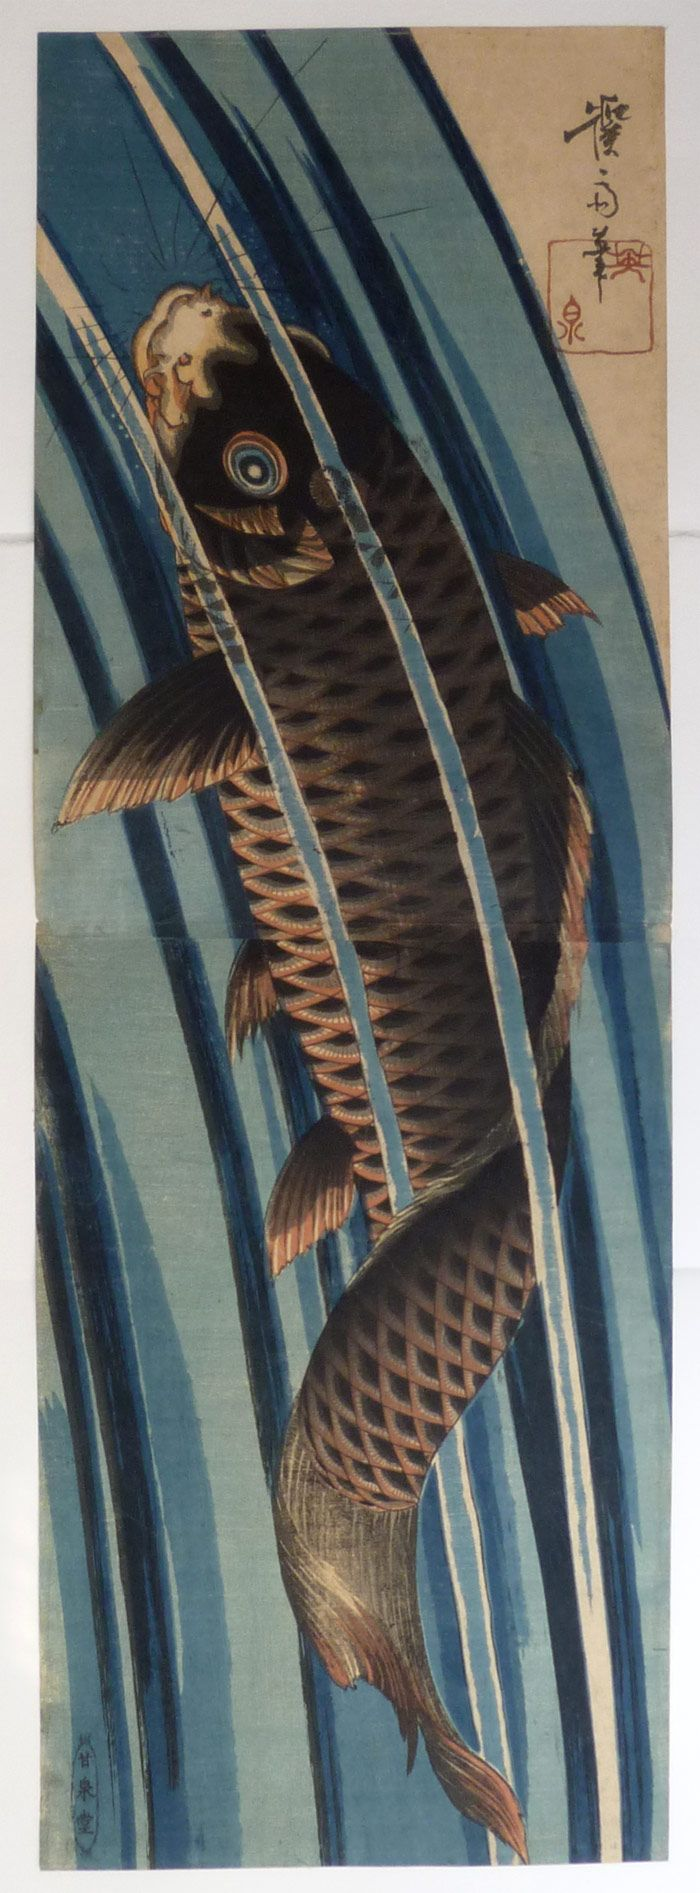 Keisai-EISEN-1790-1848-flora_and_fauna84.jpg (700×1893)